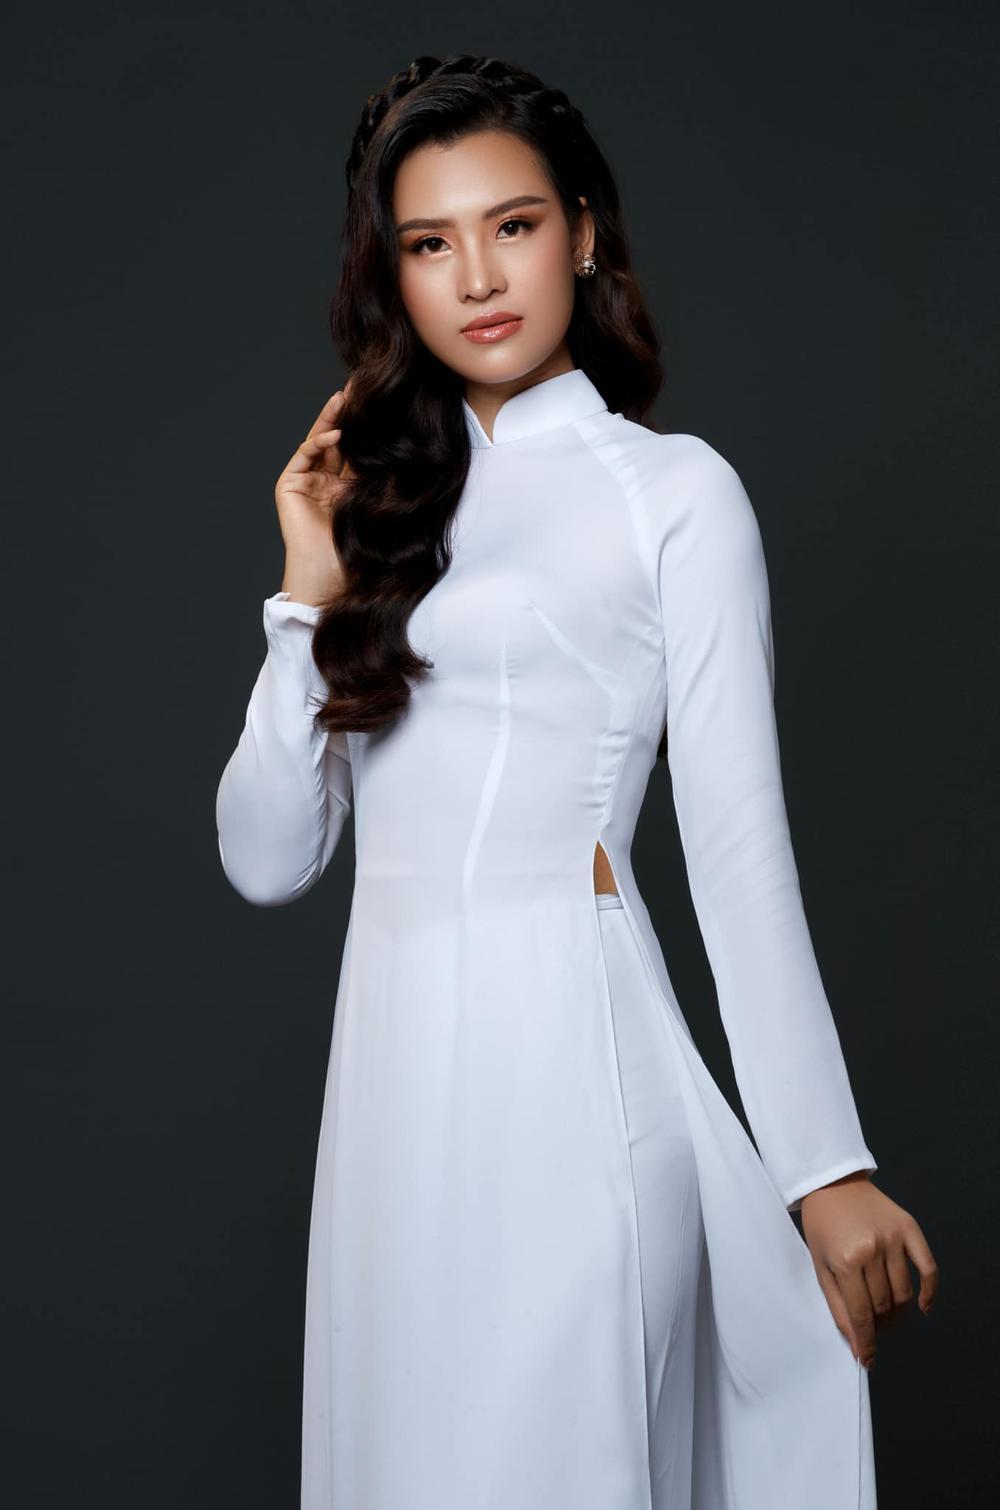 HOT: Lộ diện đại diện Việt Nam tại Miss Earth thi Online, từng 'đụng độ' H'Hen Niê - Hoàng Thùy Ảnh 8